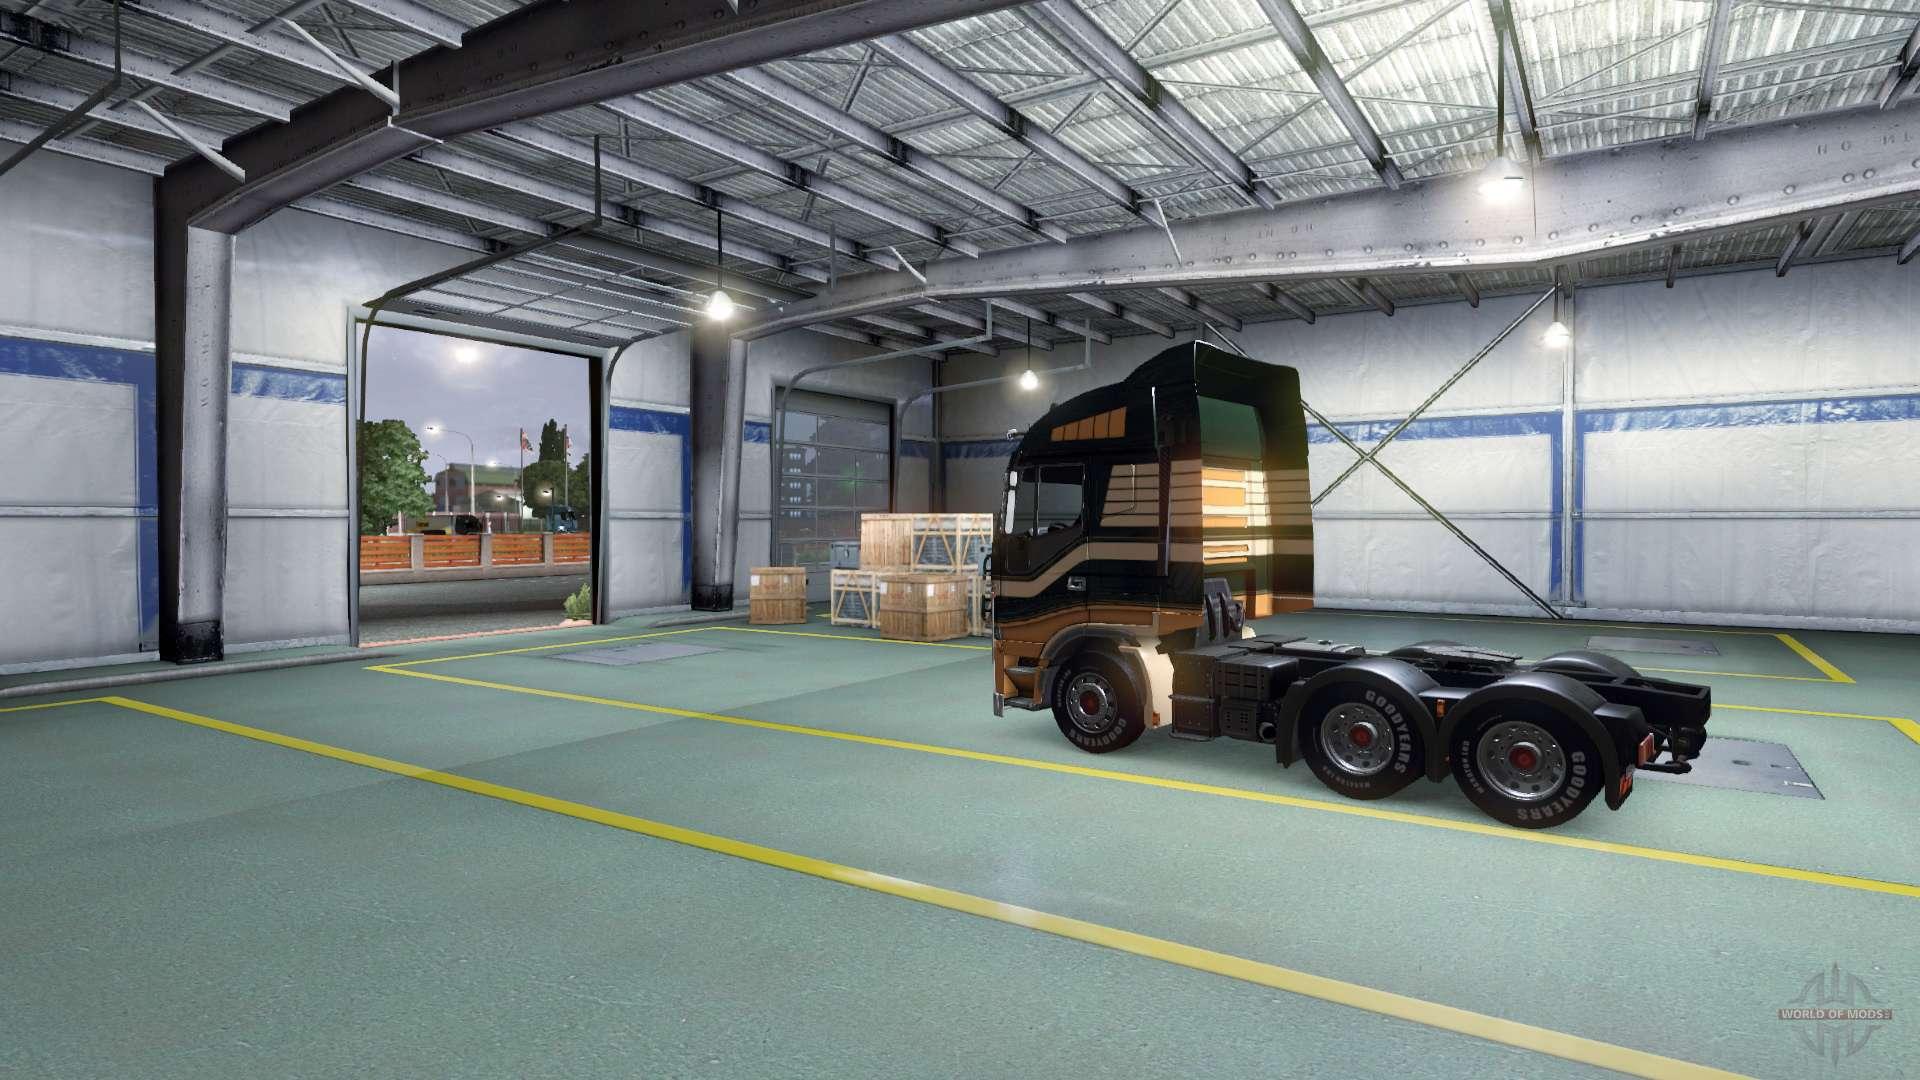 Auparavant ouverture de porte de garage pour euro truck - Porte de garage 5 metres ...